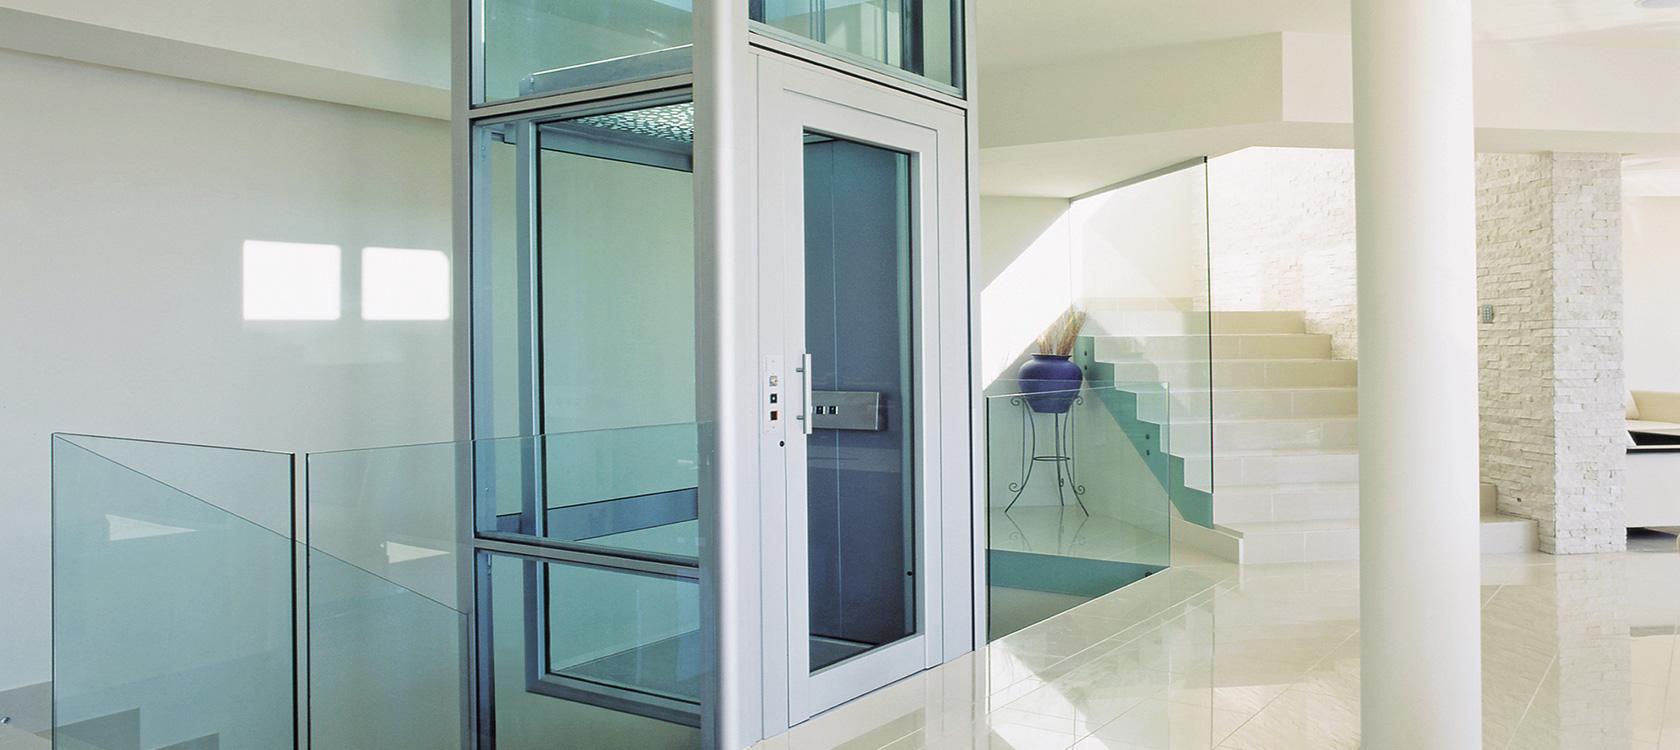 Costo Ascensore Interno 3 Piani miniascensori per interni e ascensori residenziali | domuslift